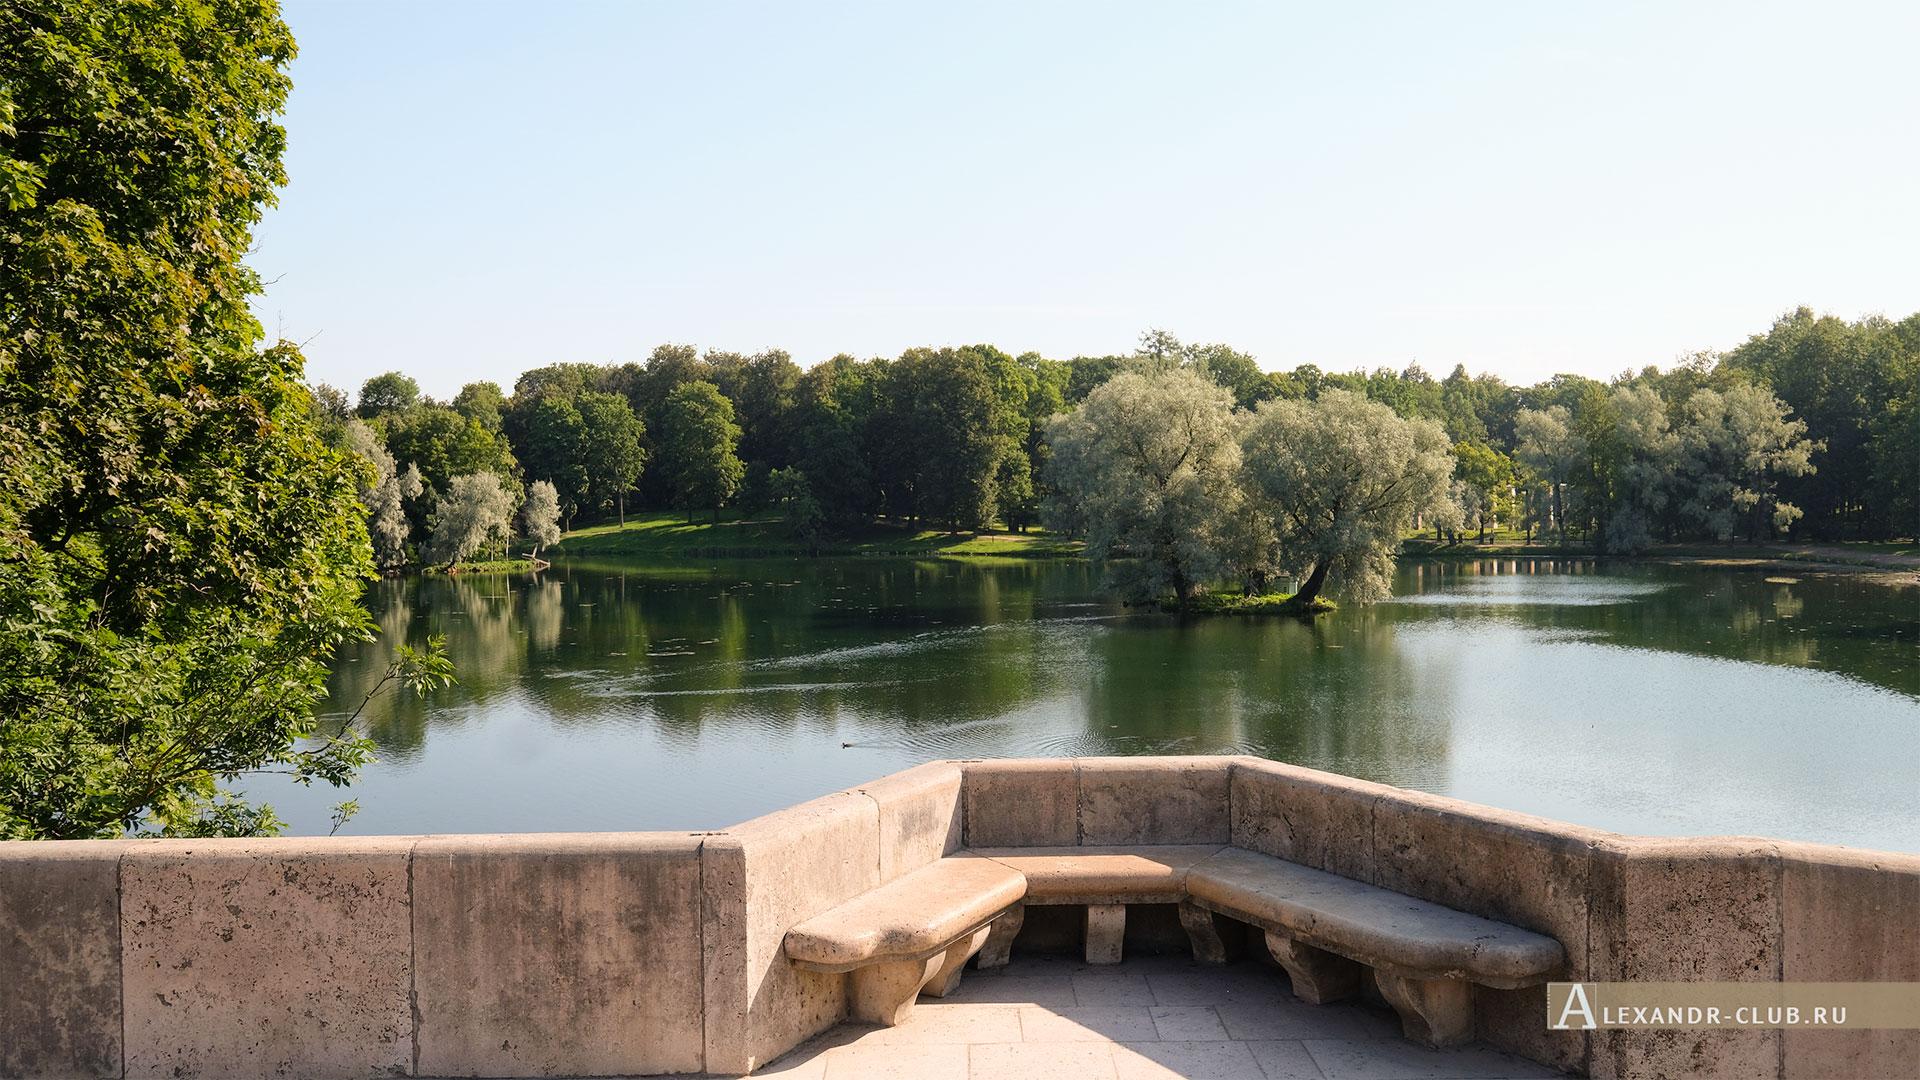 Гатчинский парк, лето, Карпин мост, Белое озеро